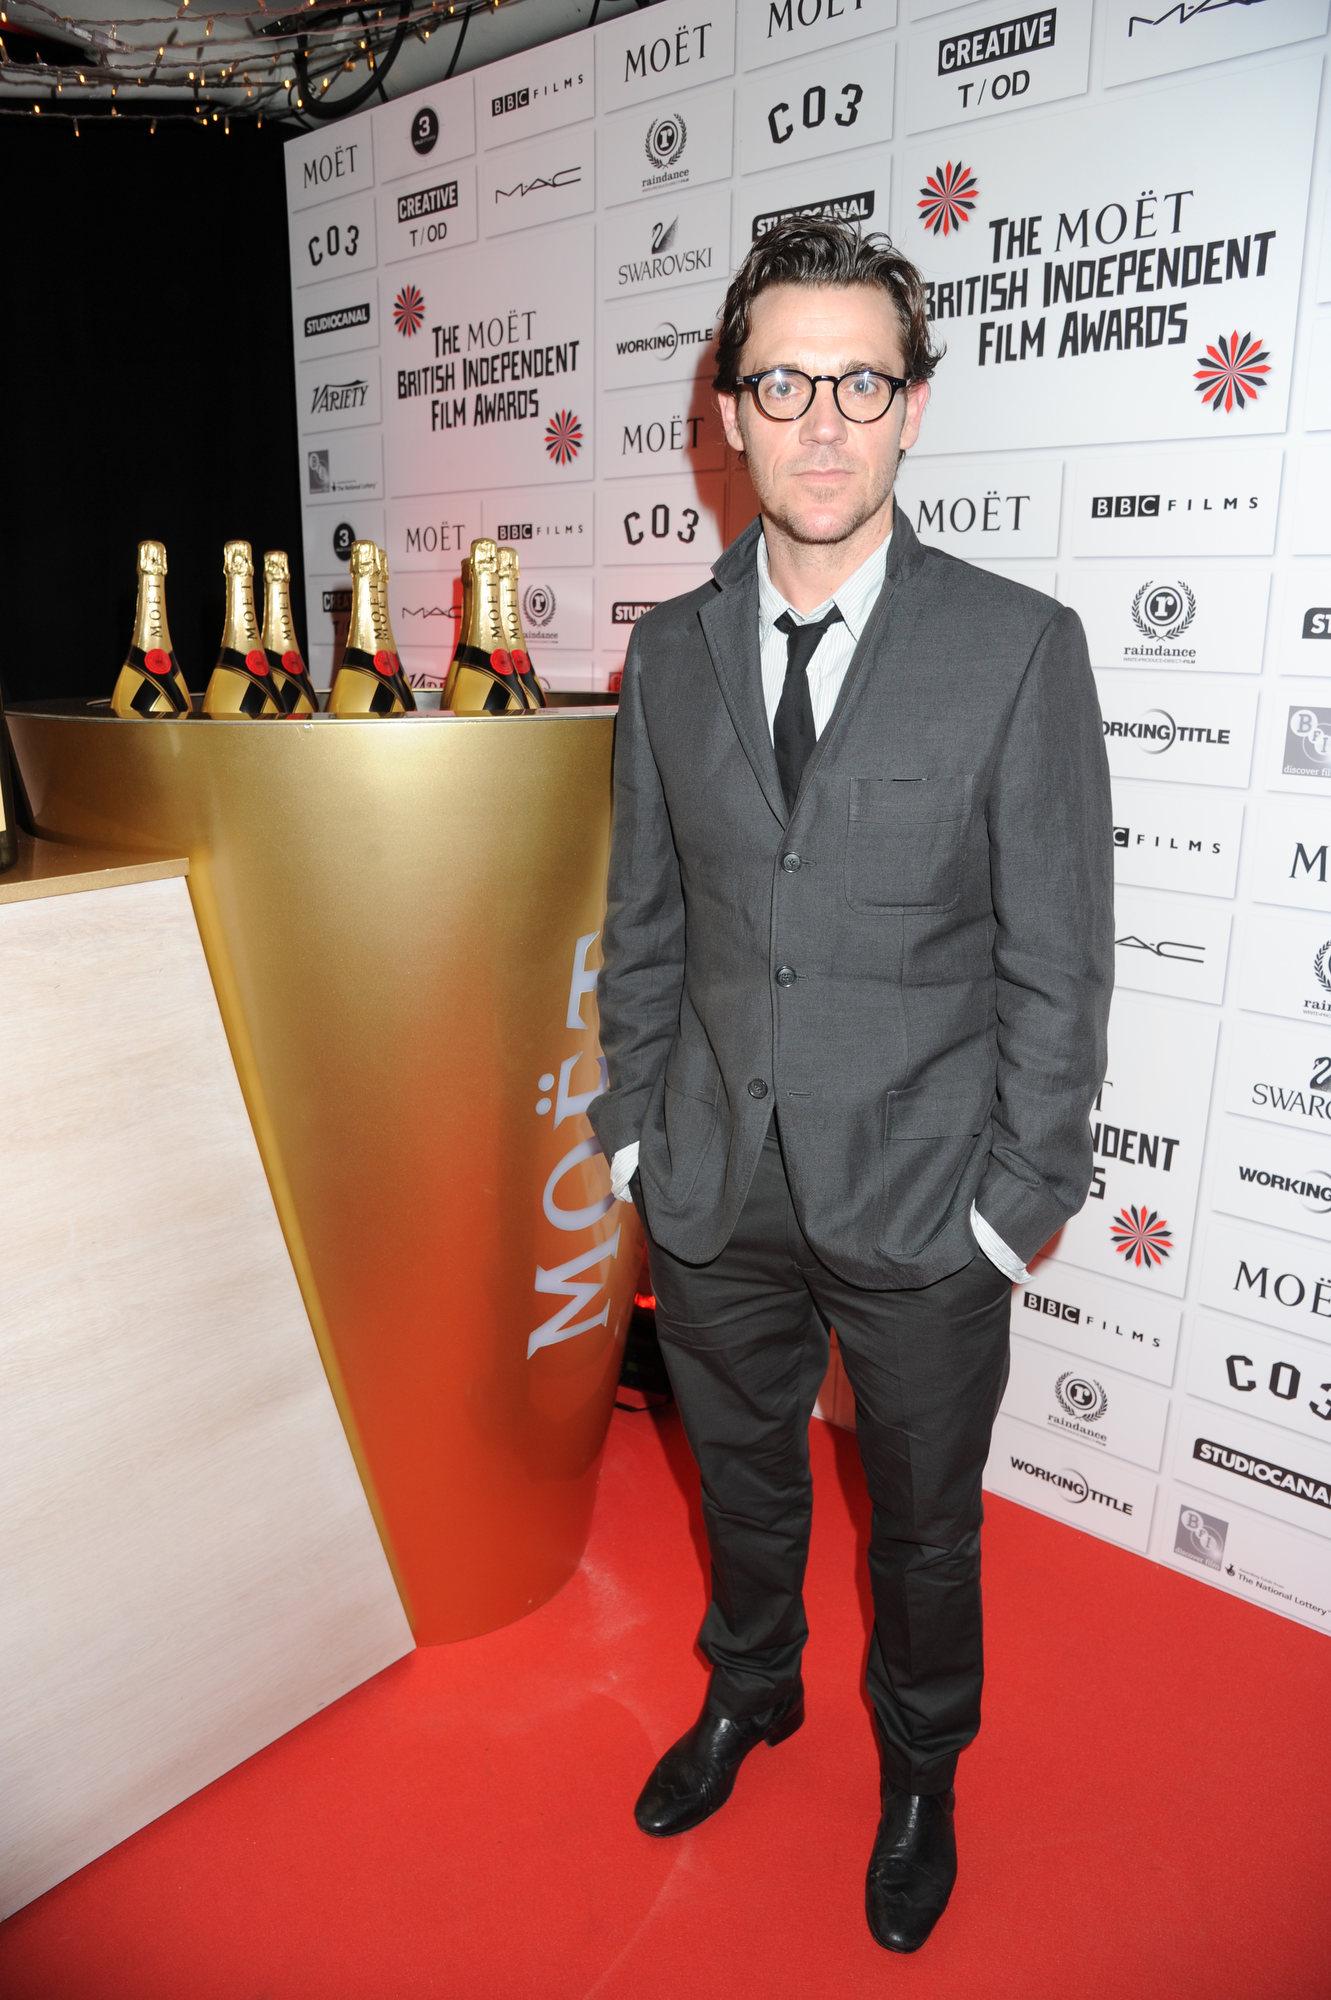 British Independent Film Awards 2011 30 [QC Espanol] Cruising spots in